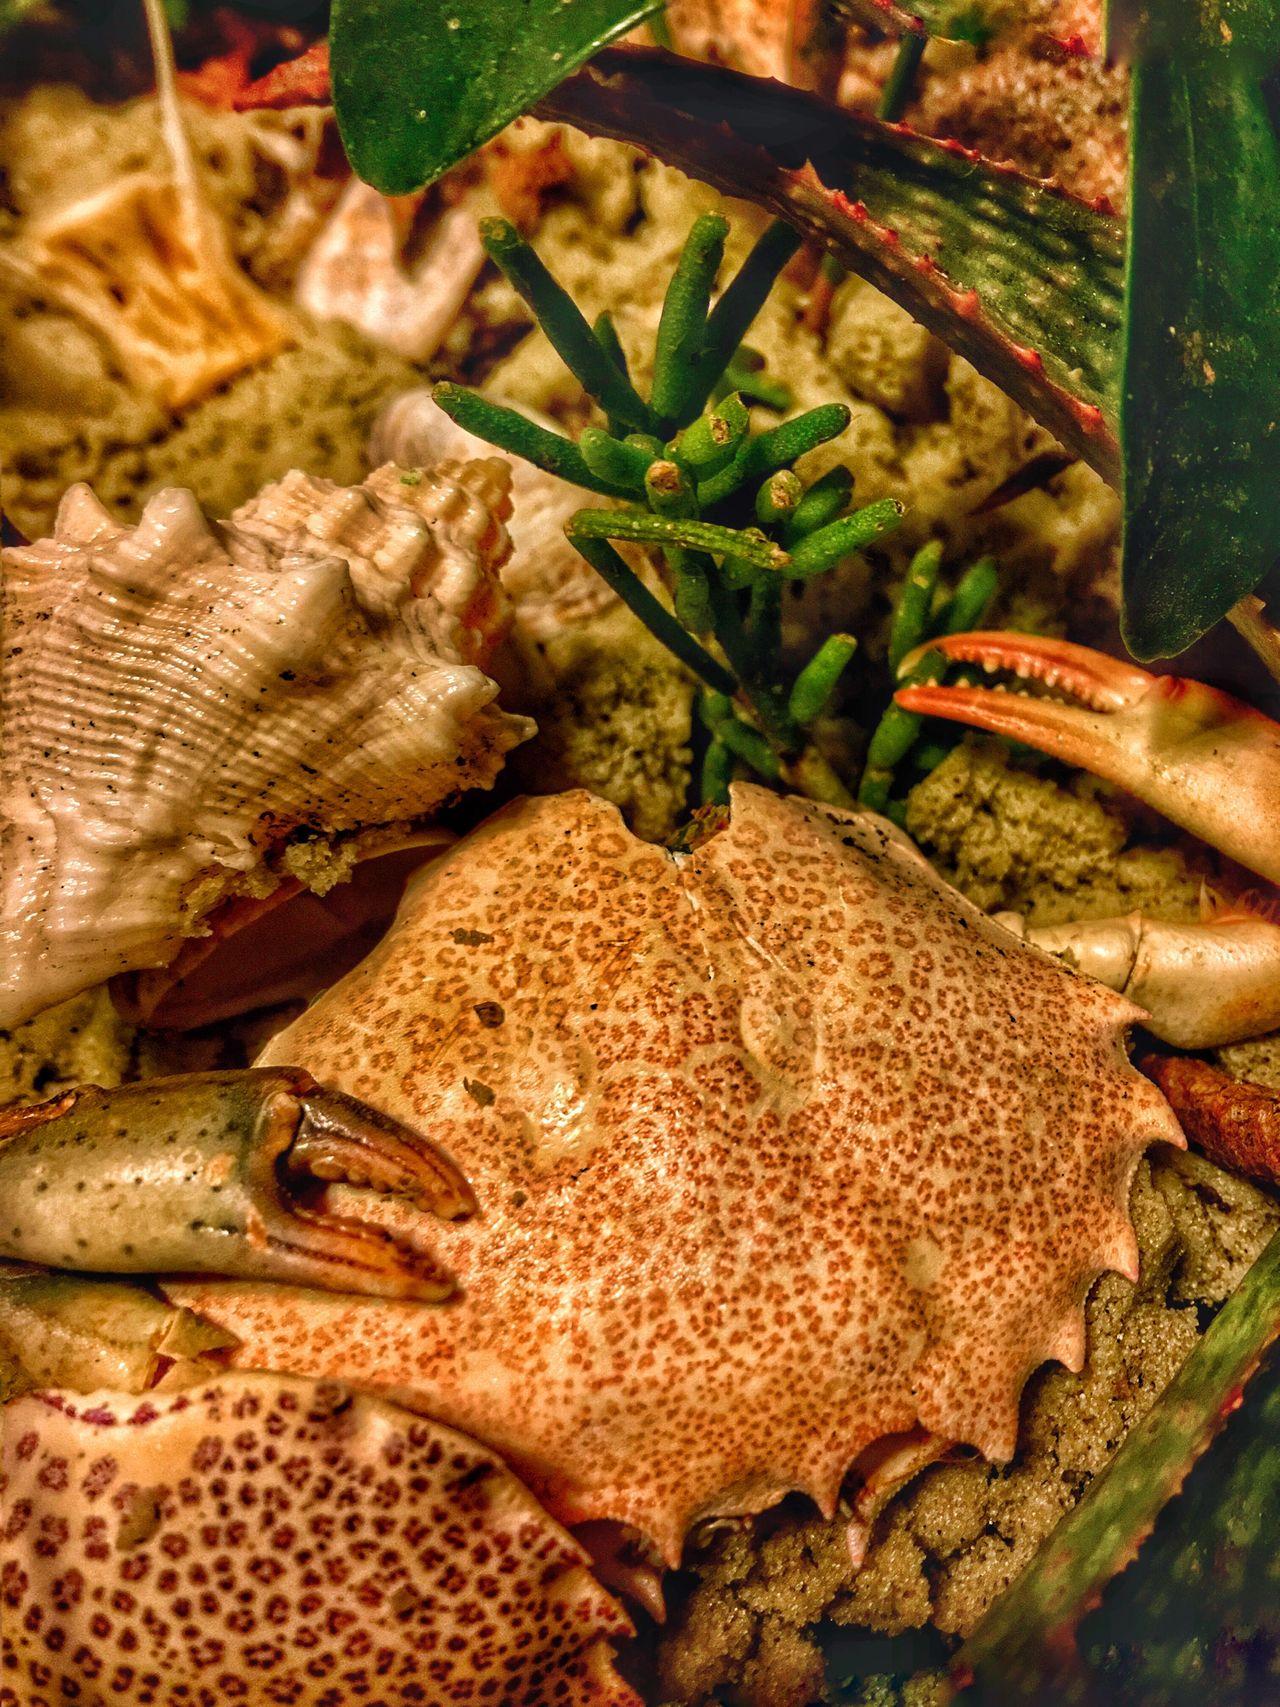 Crab, crab legs, close up, nautical, underwater